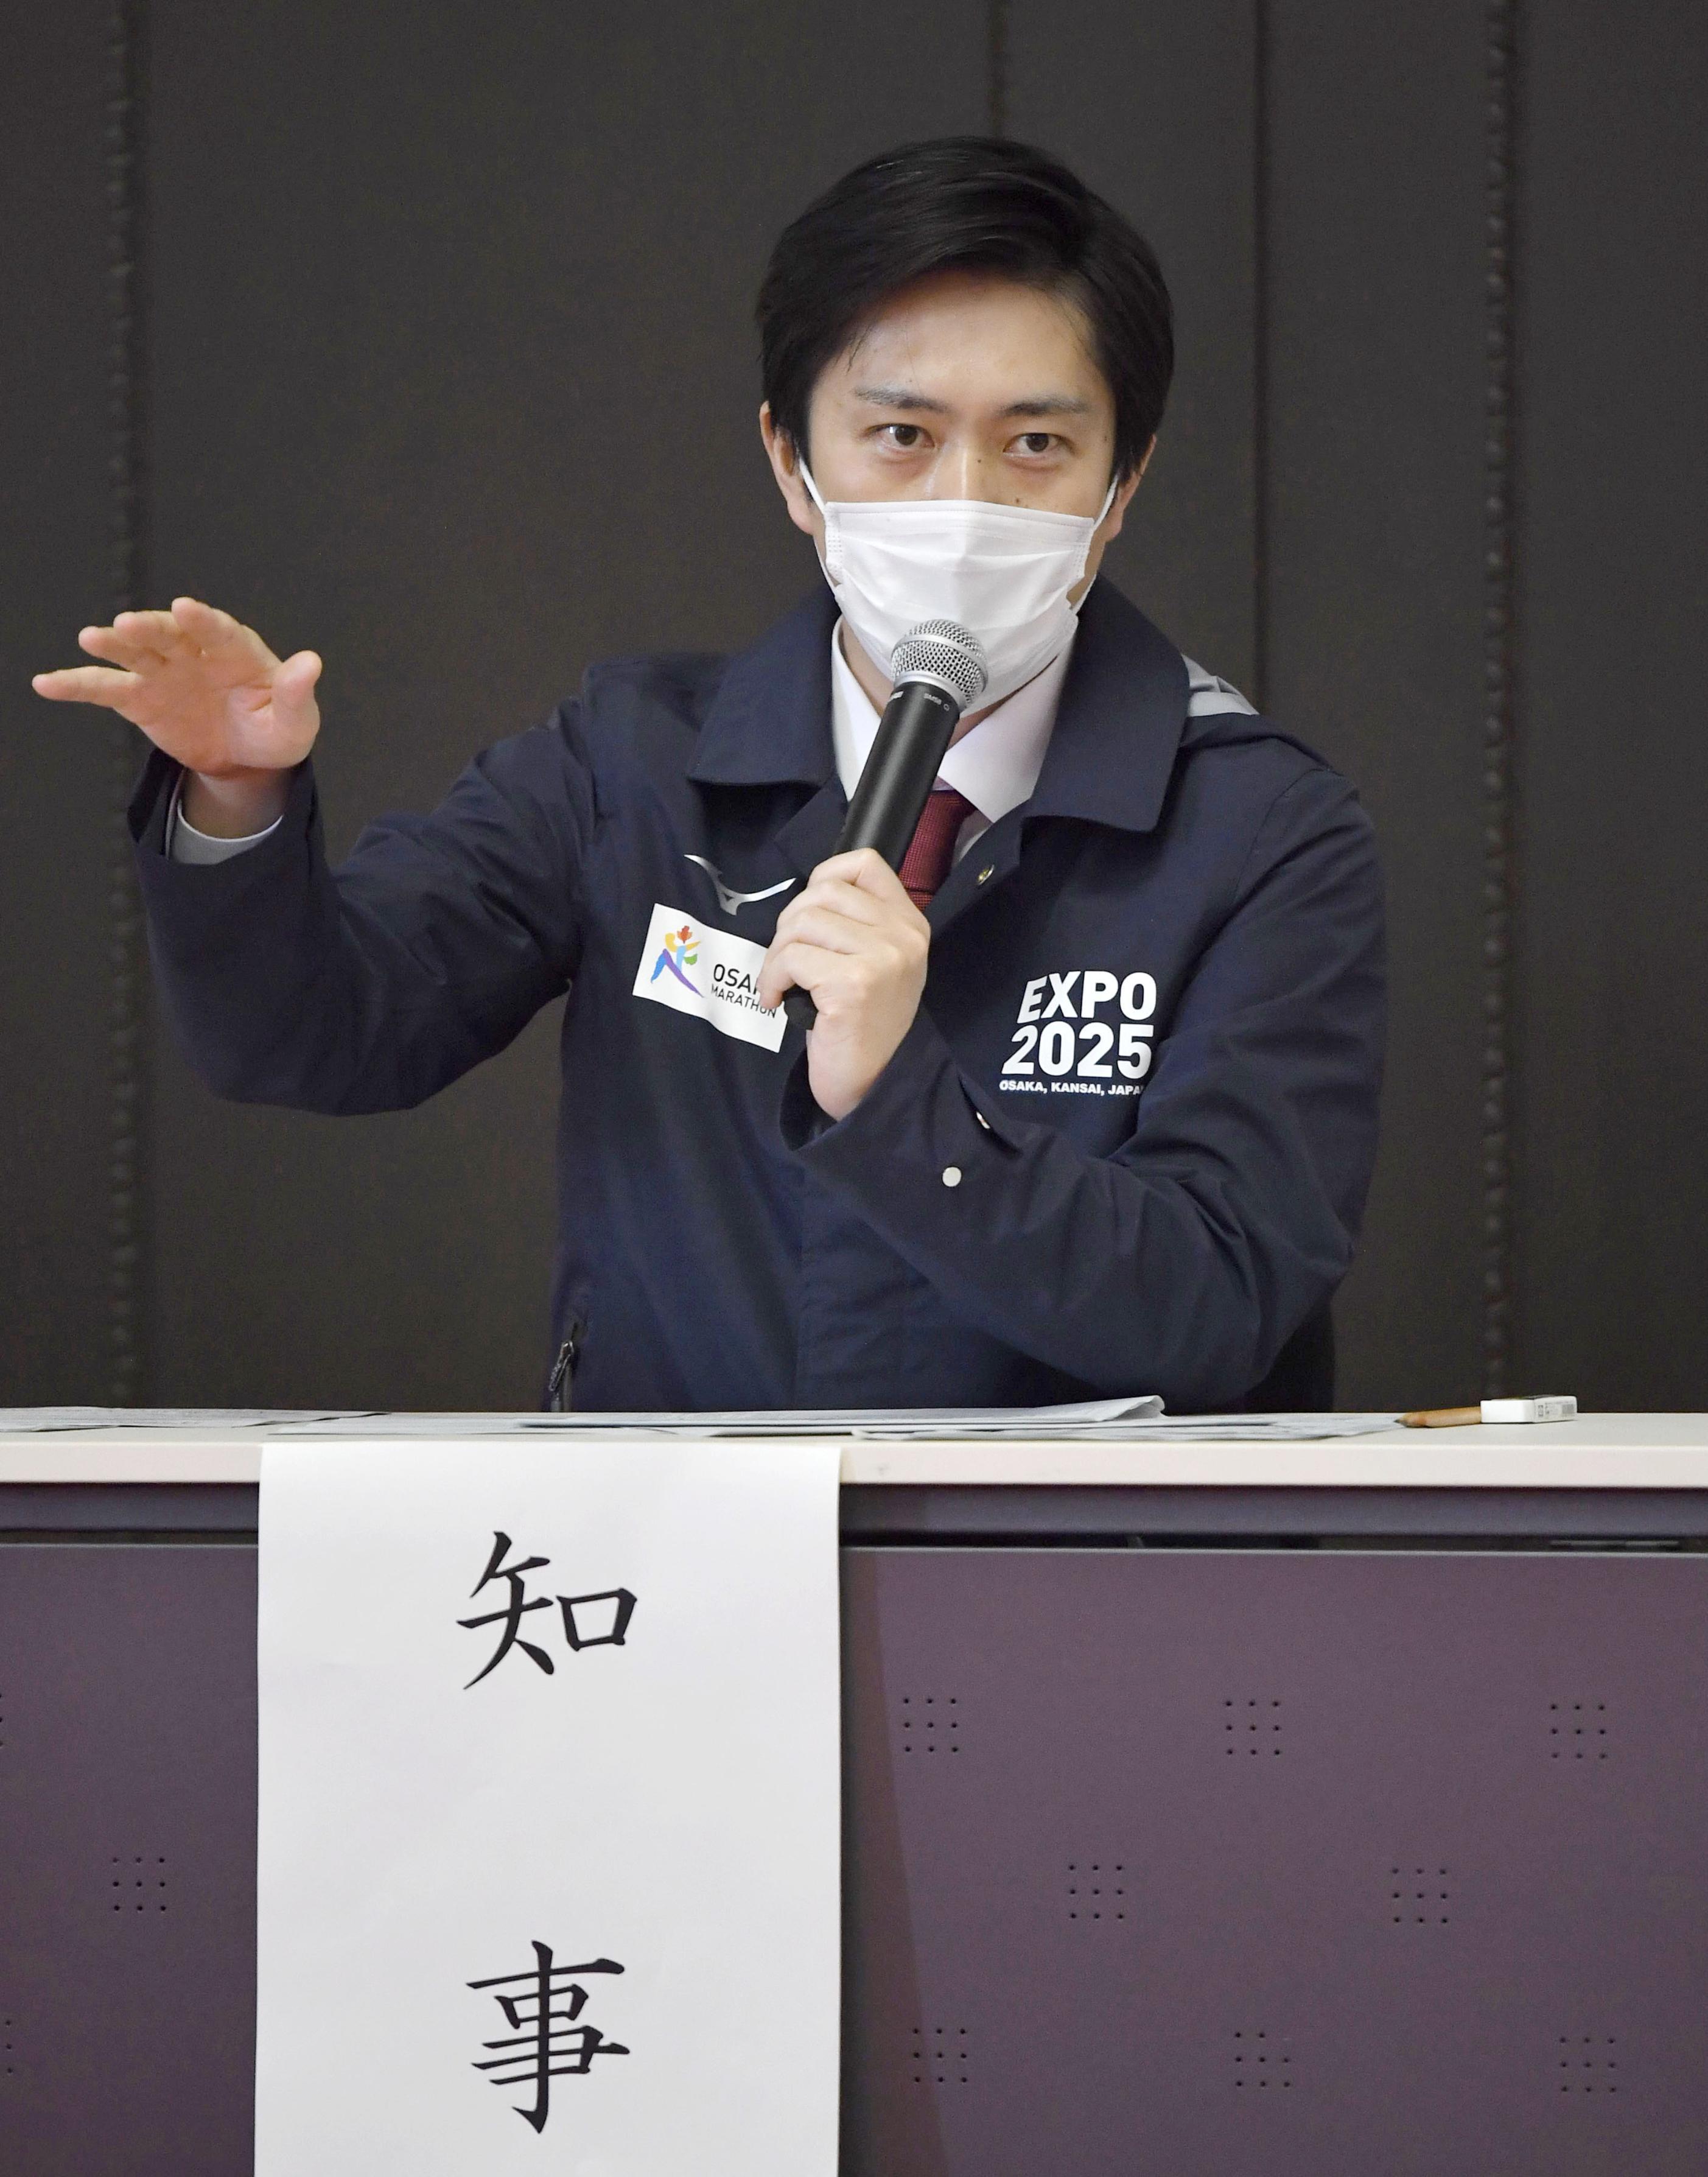 大阪府庁で開かれた新型コロナウイルス対策本部会議で発言する吉村洋文知事=2日午後